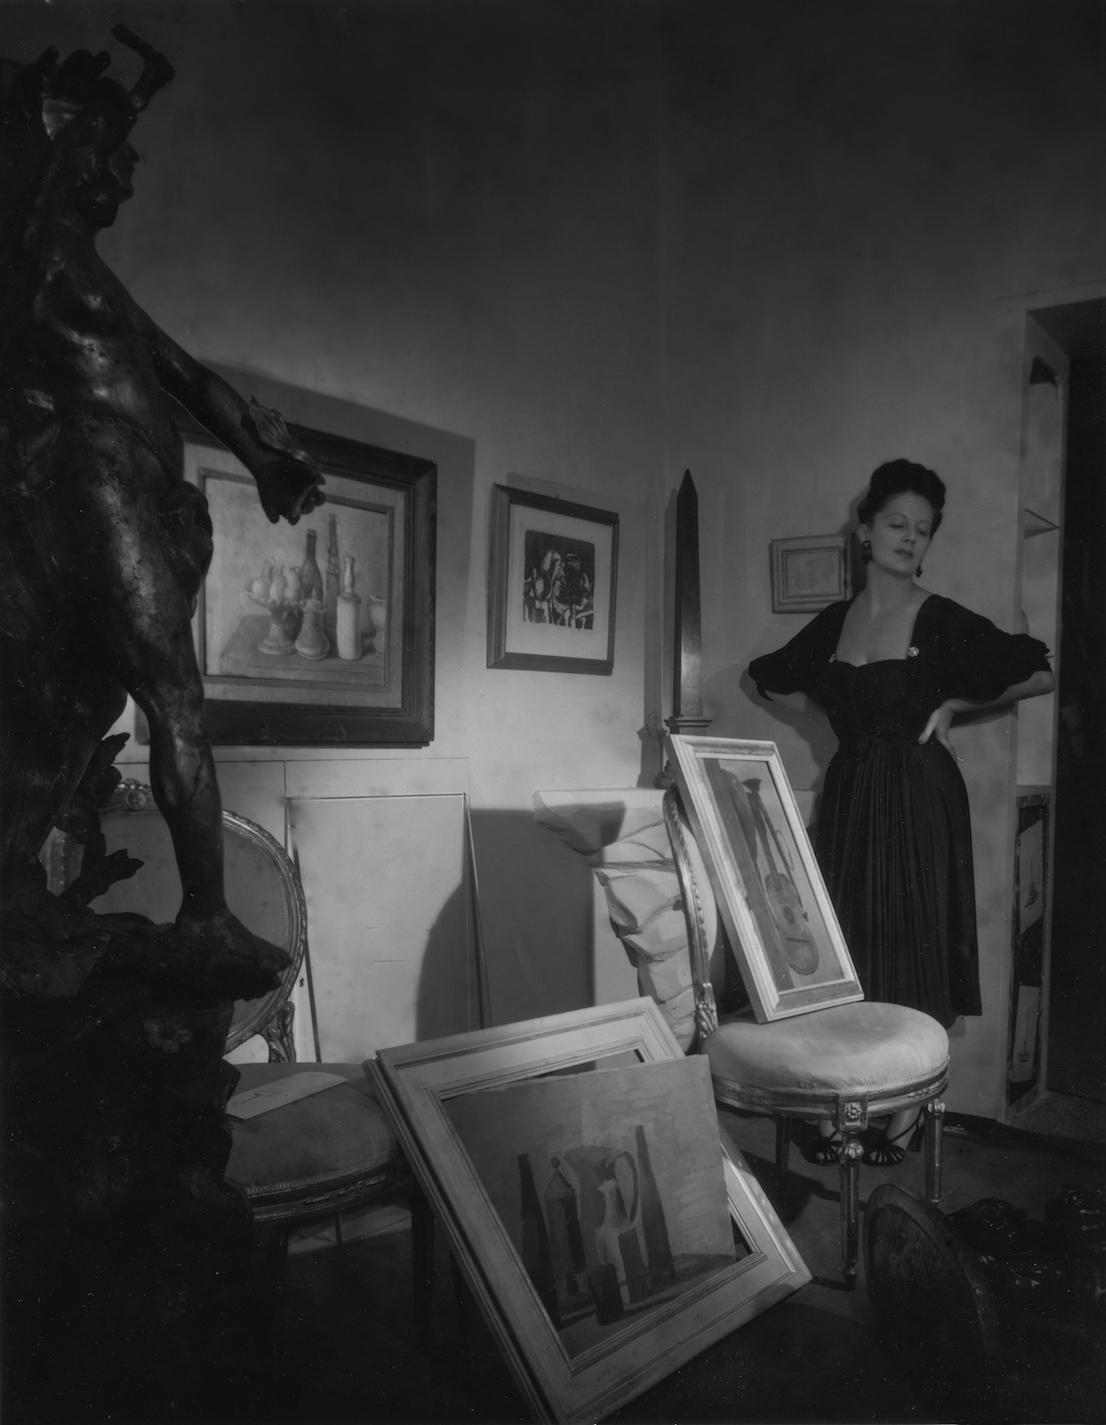 """Irene Brin alla galleria dell'Obelisco con un modello Carosa, 1946. Foto Pasquale De Antonis, pubblicata nel servizio Un altro obelisco a Roma, in """"Bellezza"""", dicembre 1946. Courtesy Archivio De Antonis, Roma."""